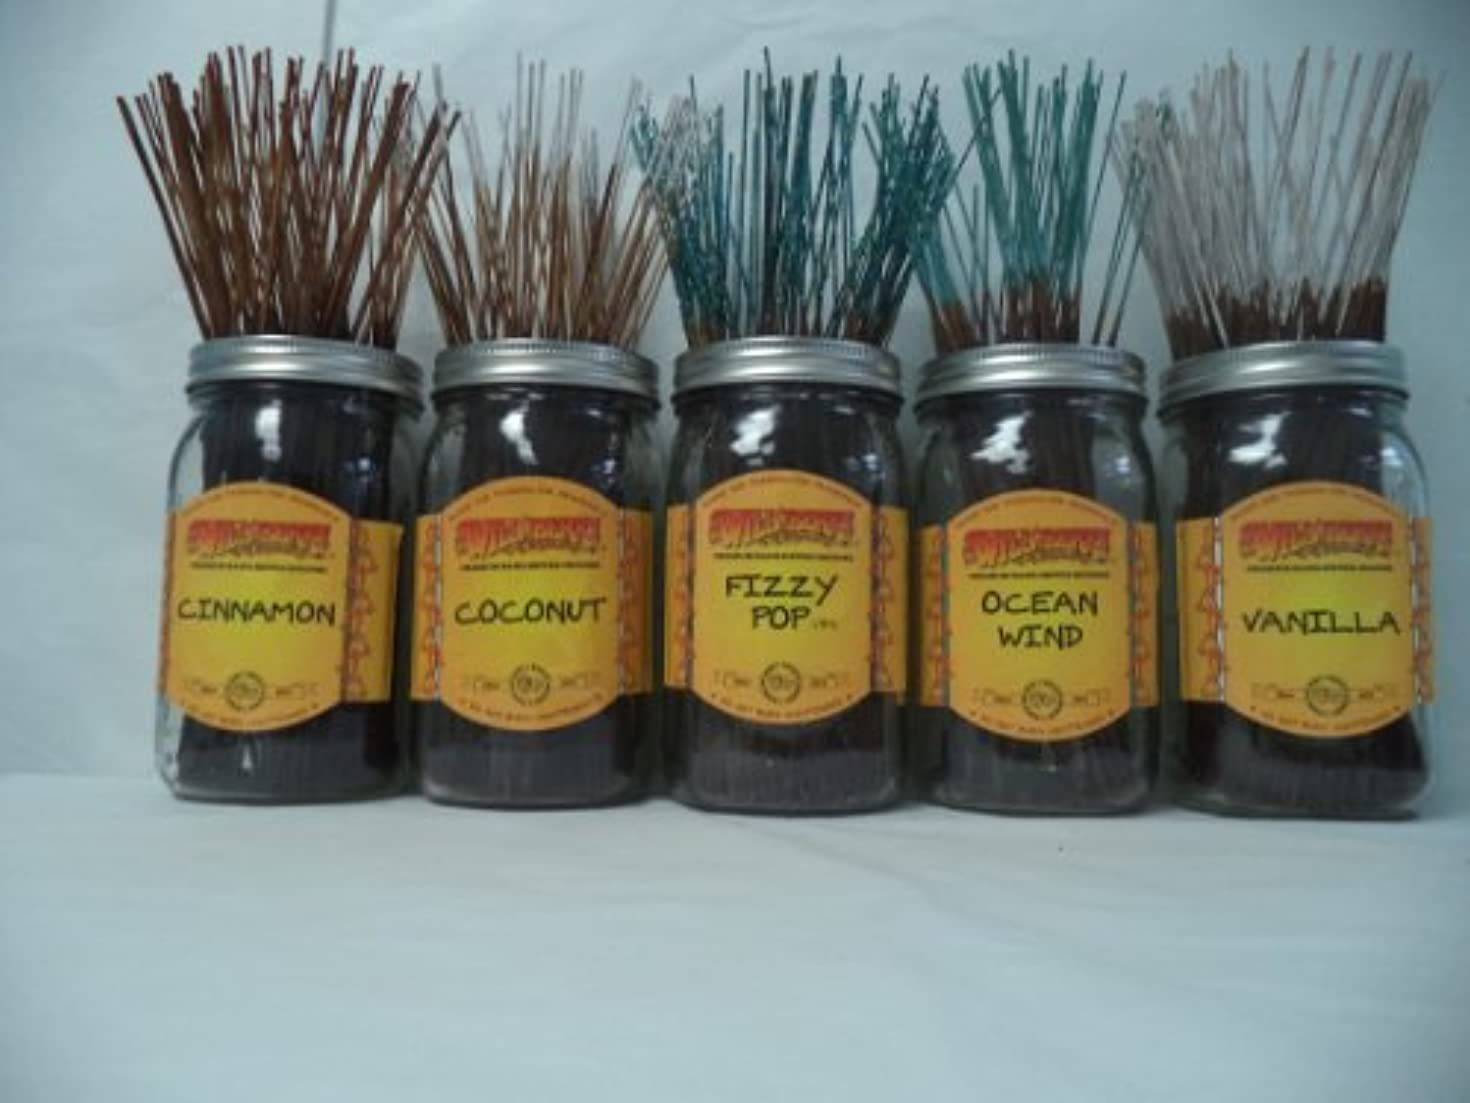 許す選択する出会いWildberry Incense Sticks Best Sellerセット# 4 : 10 Sticks各5の香り、合計50 Sticks 。